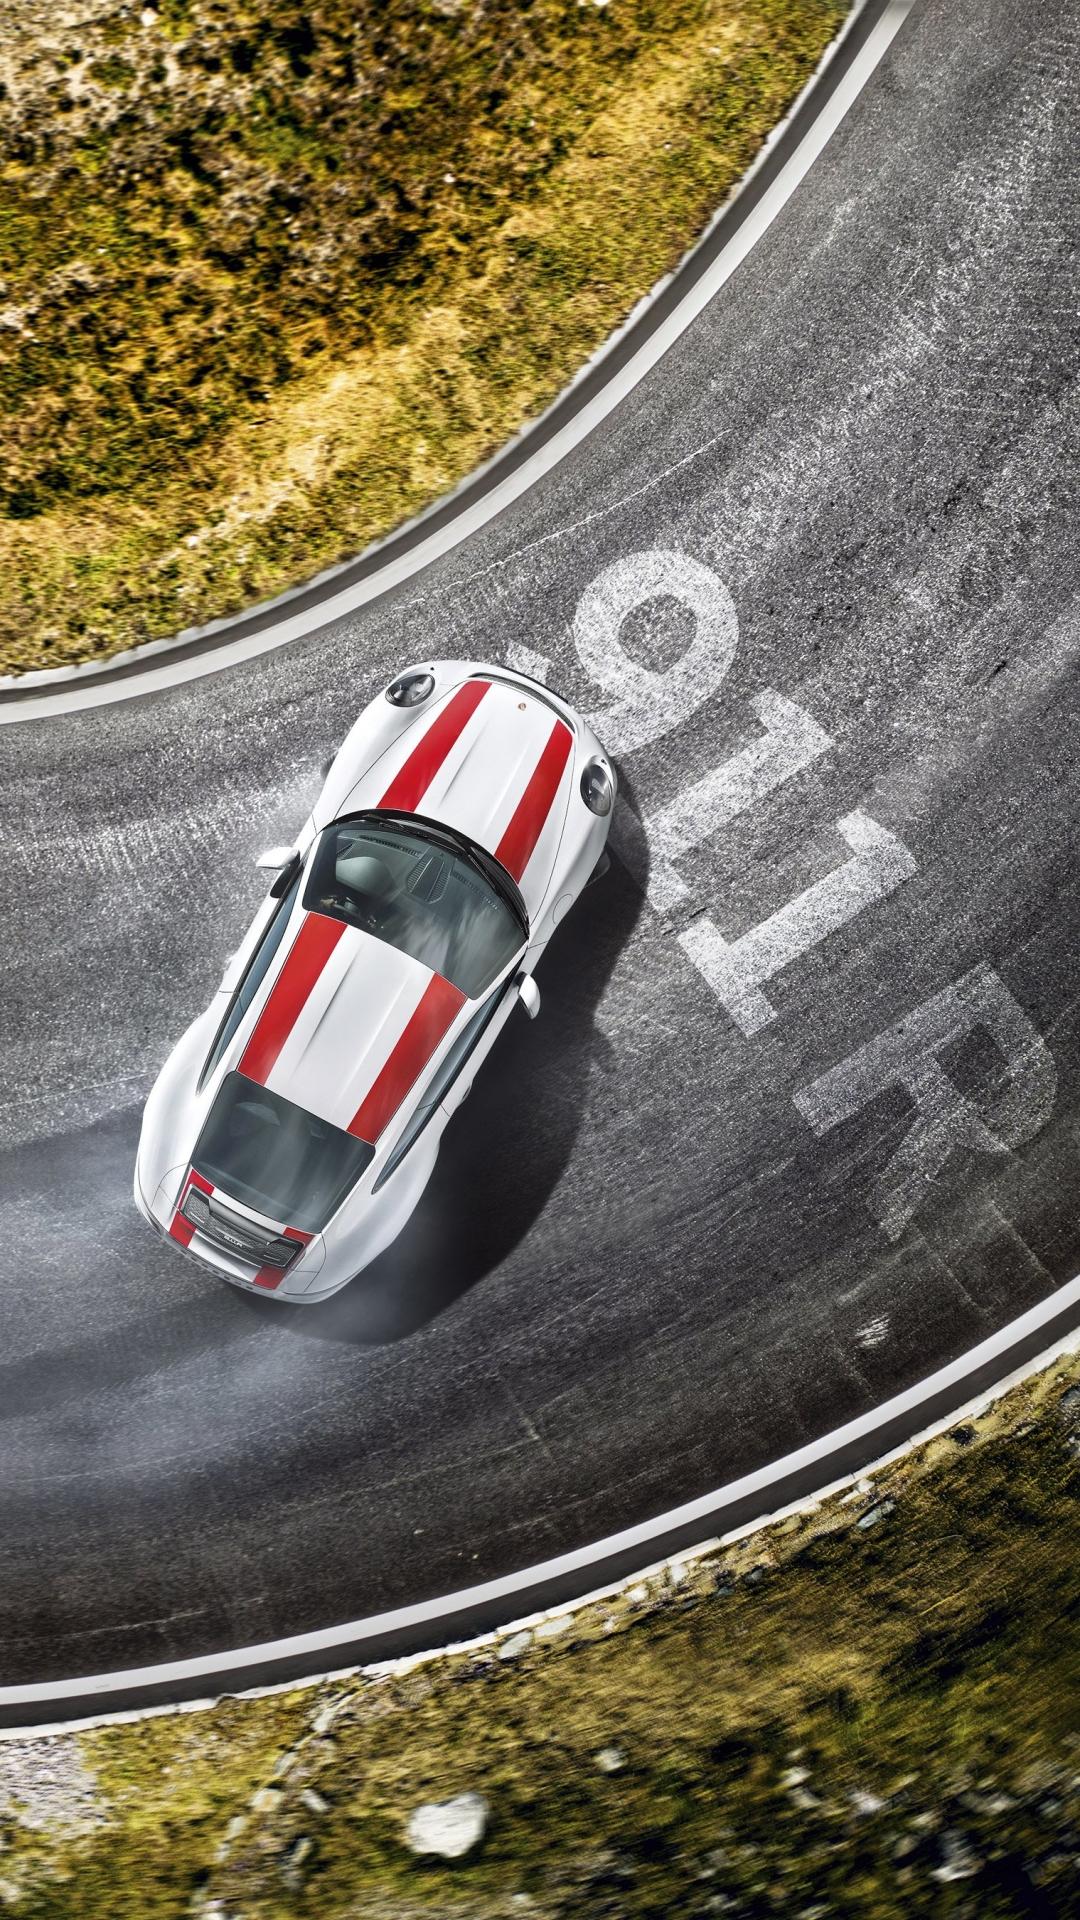 18 Porsche 911 Apple Iphone 7 Plus 1080x1920 Wallpapers